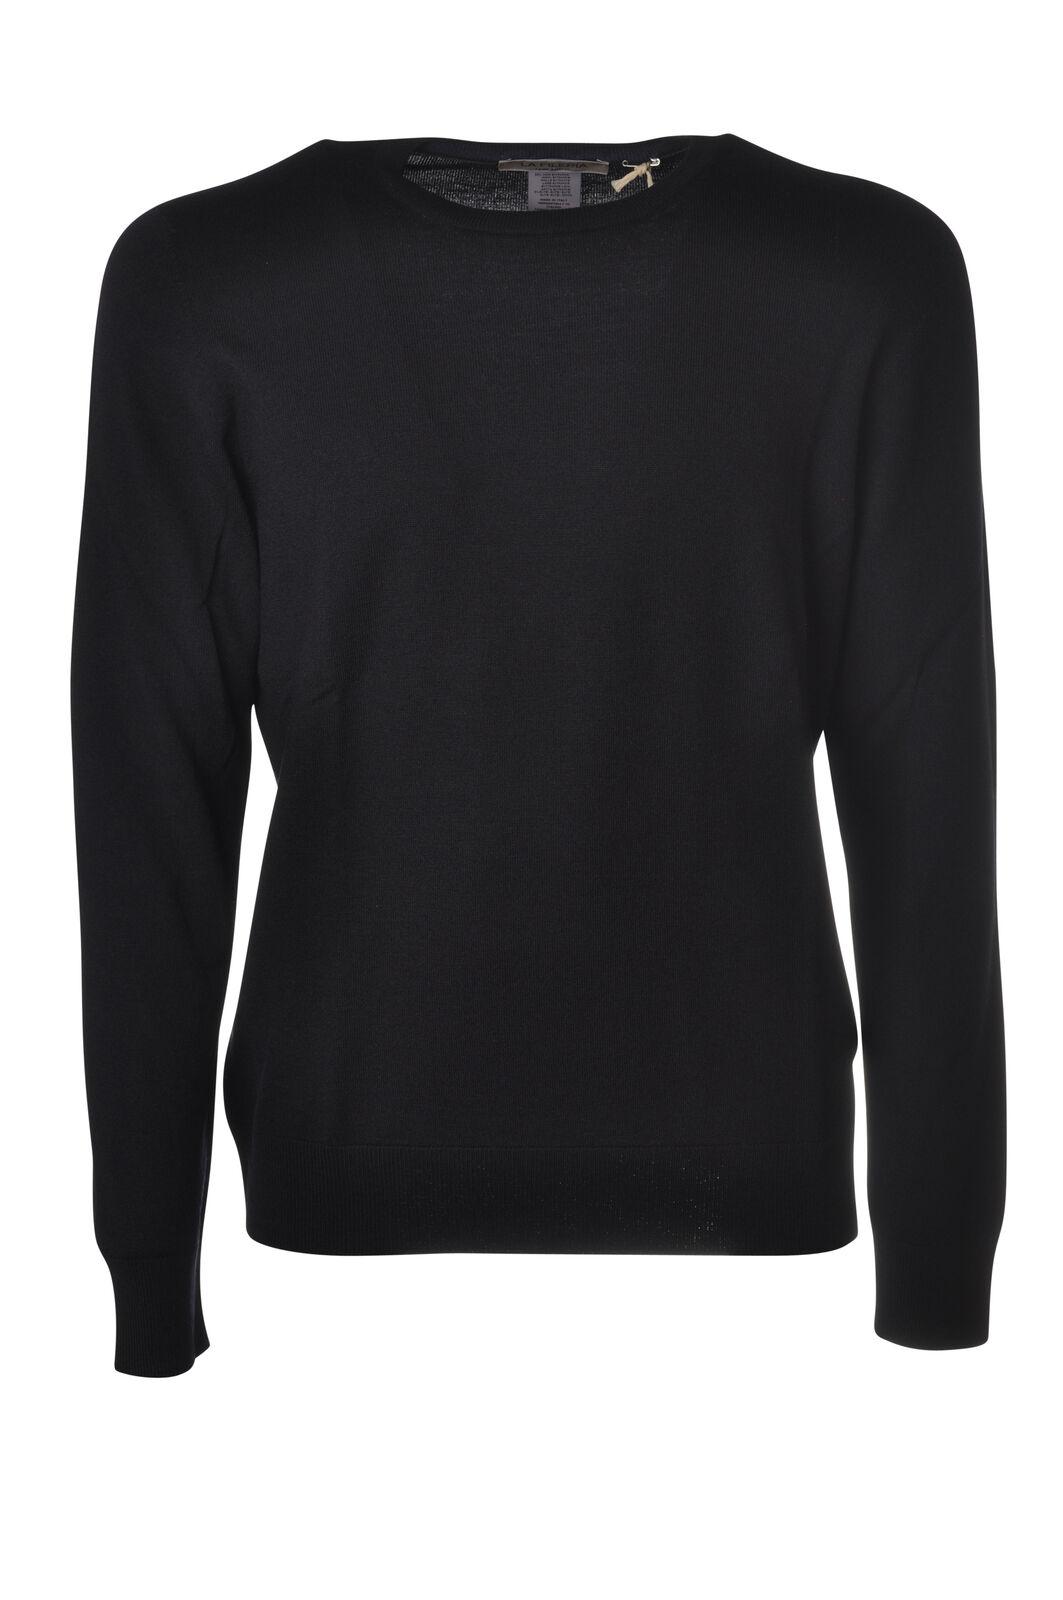 LA FILERIA - Knitwear-Sweaters - Man - Blau - 5466505M183406